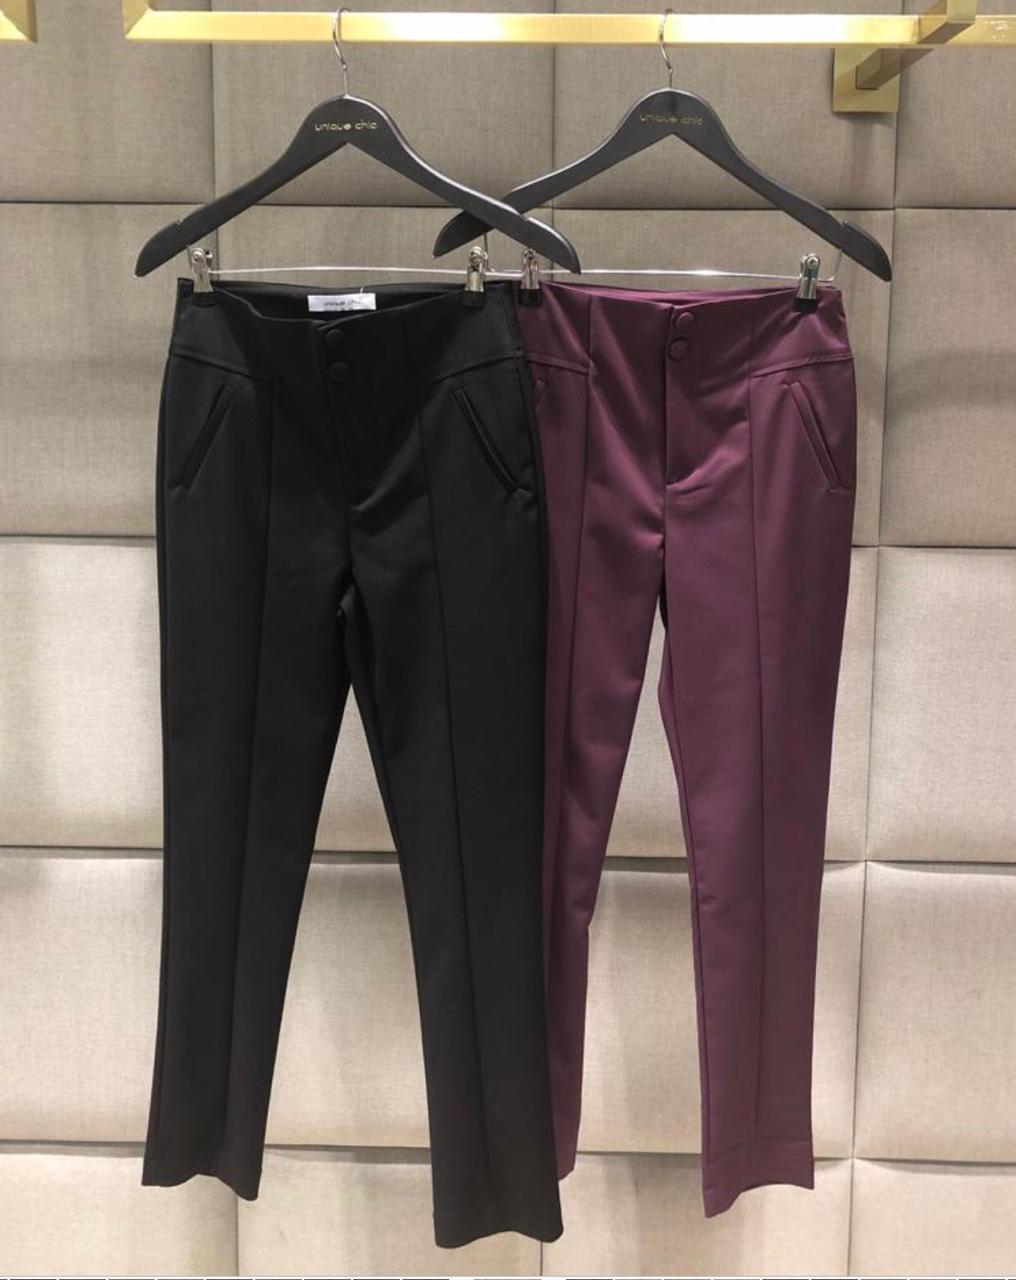 Calça Beatriz  Skinny Cintura Alta Sarja com 4% elastano Cores Purpura e Preto